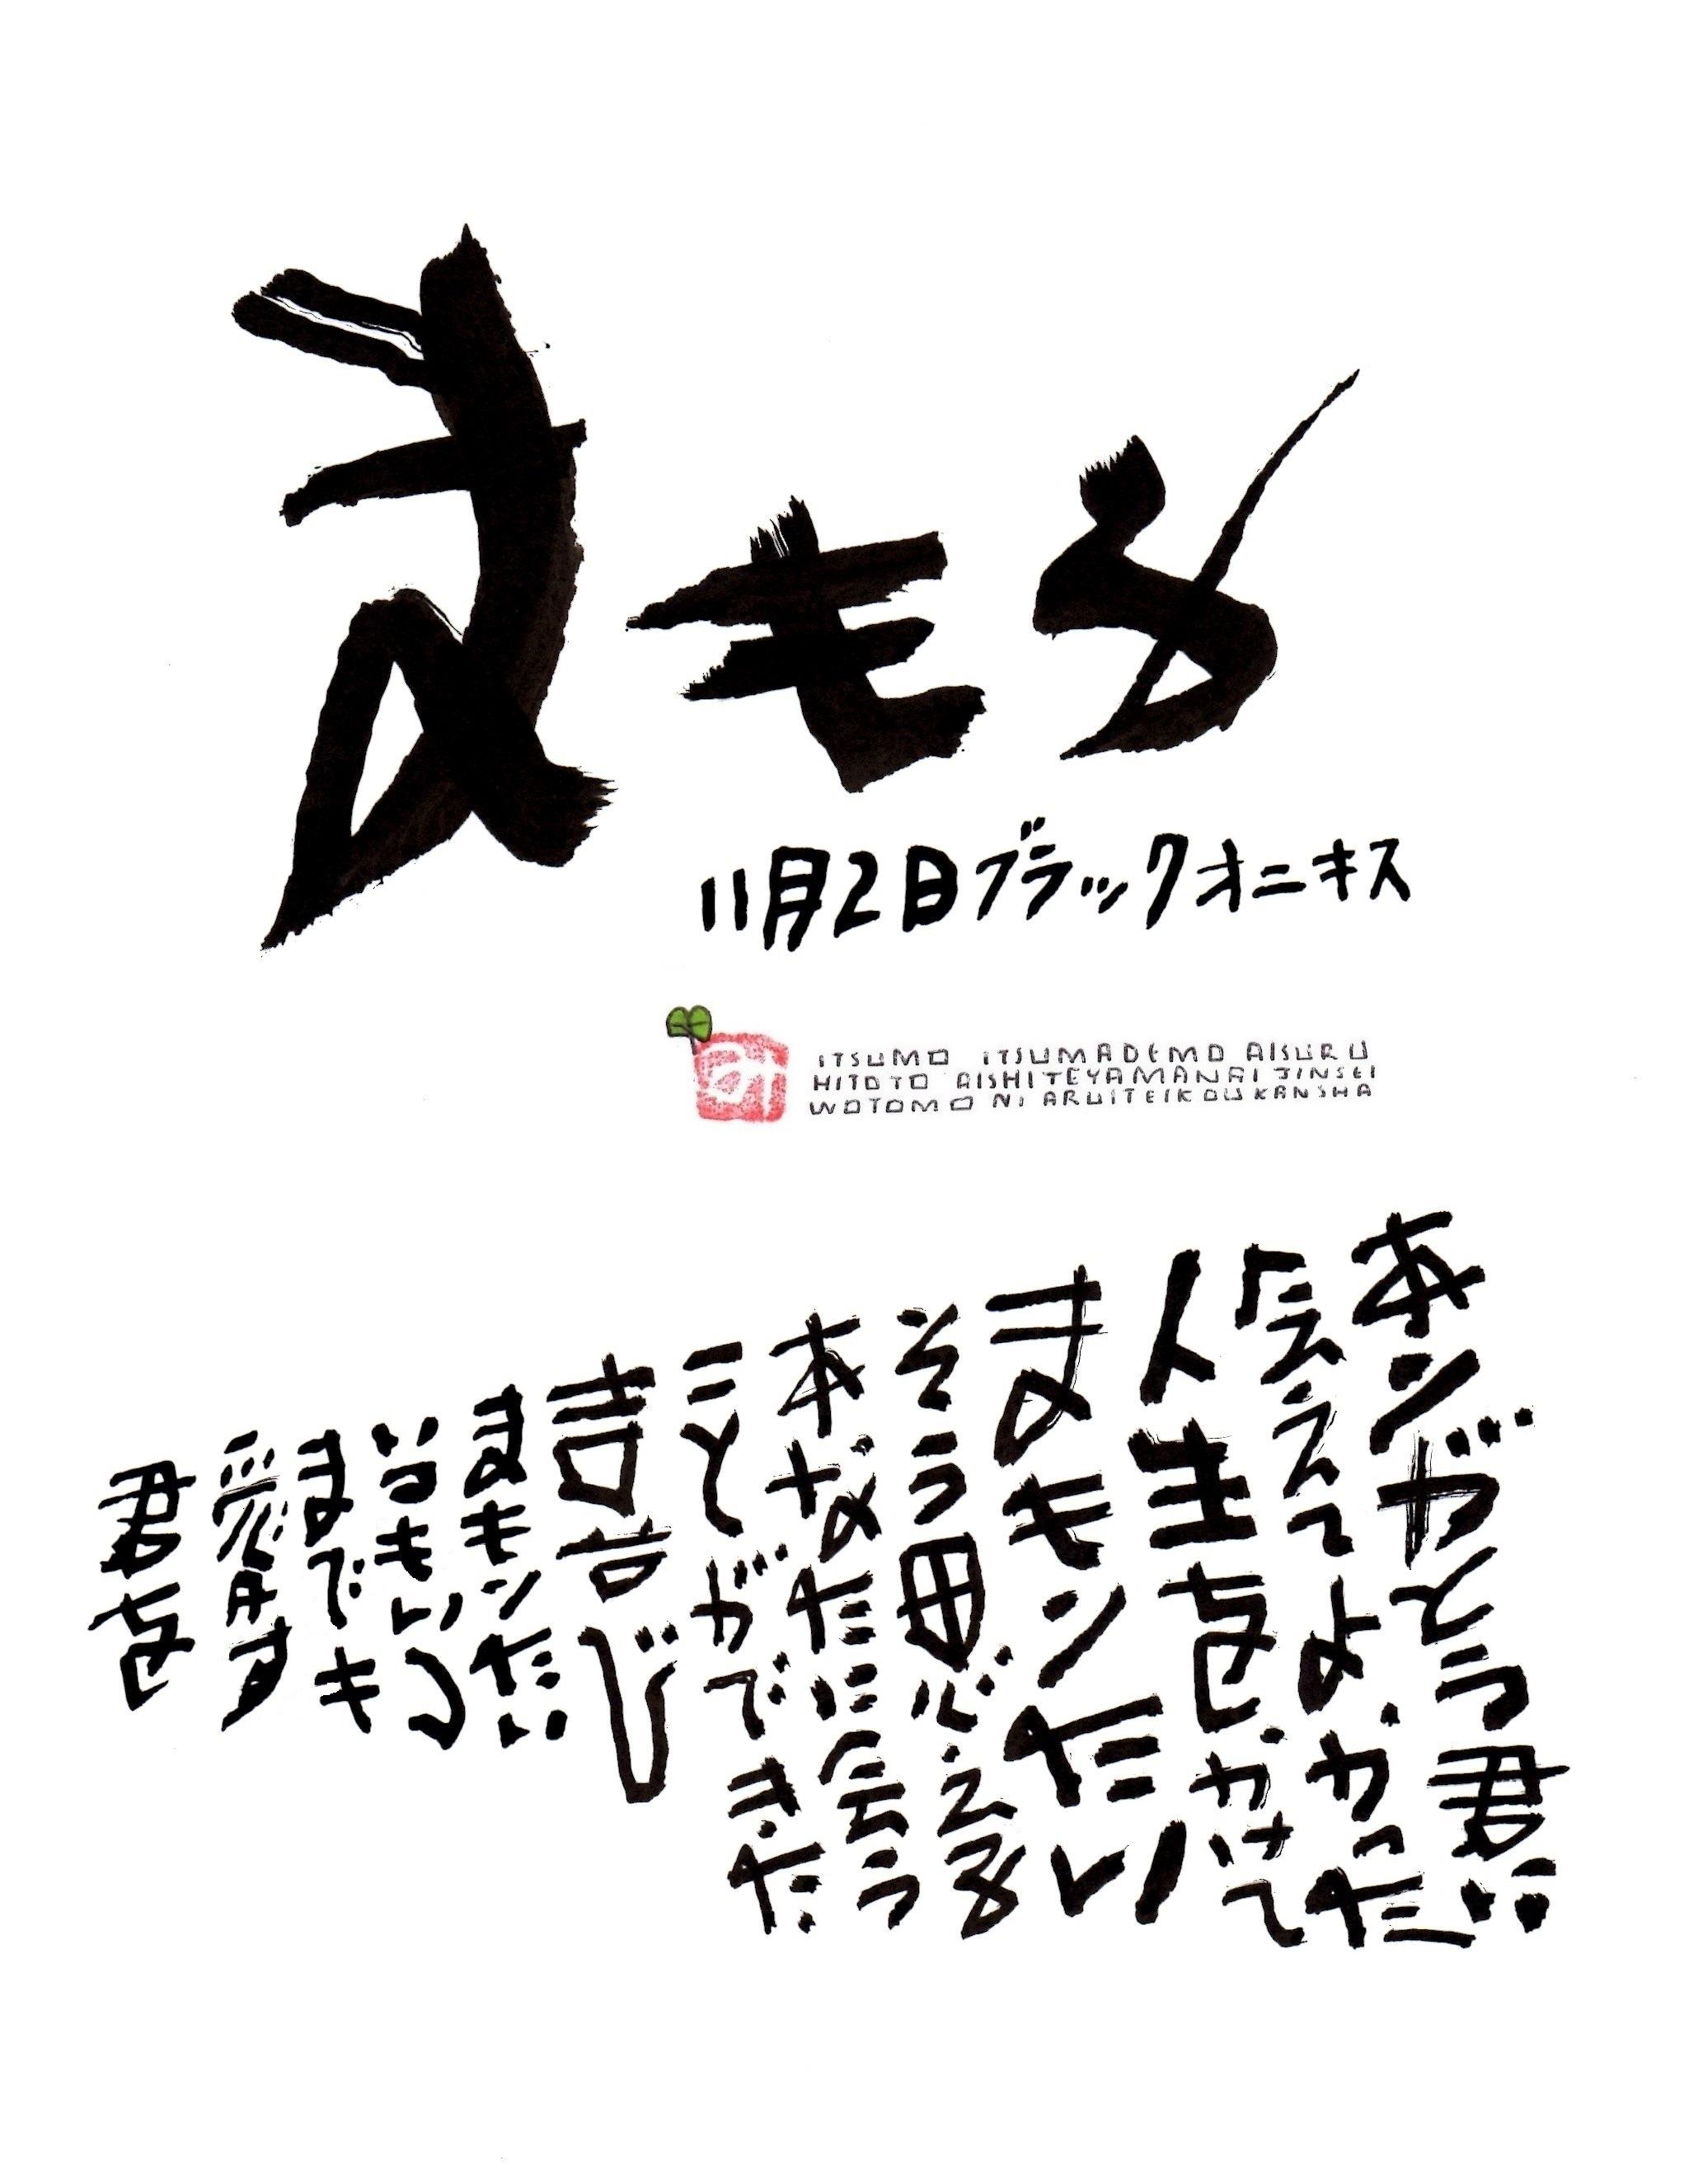 11月2日 結婚記念日ポストカード【まもる】